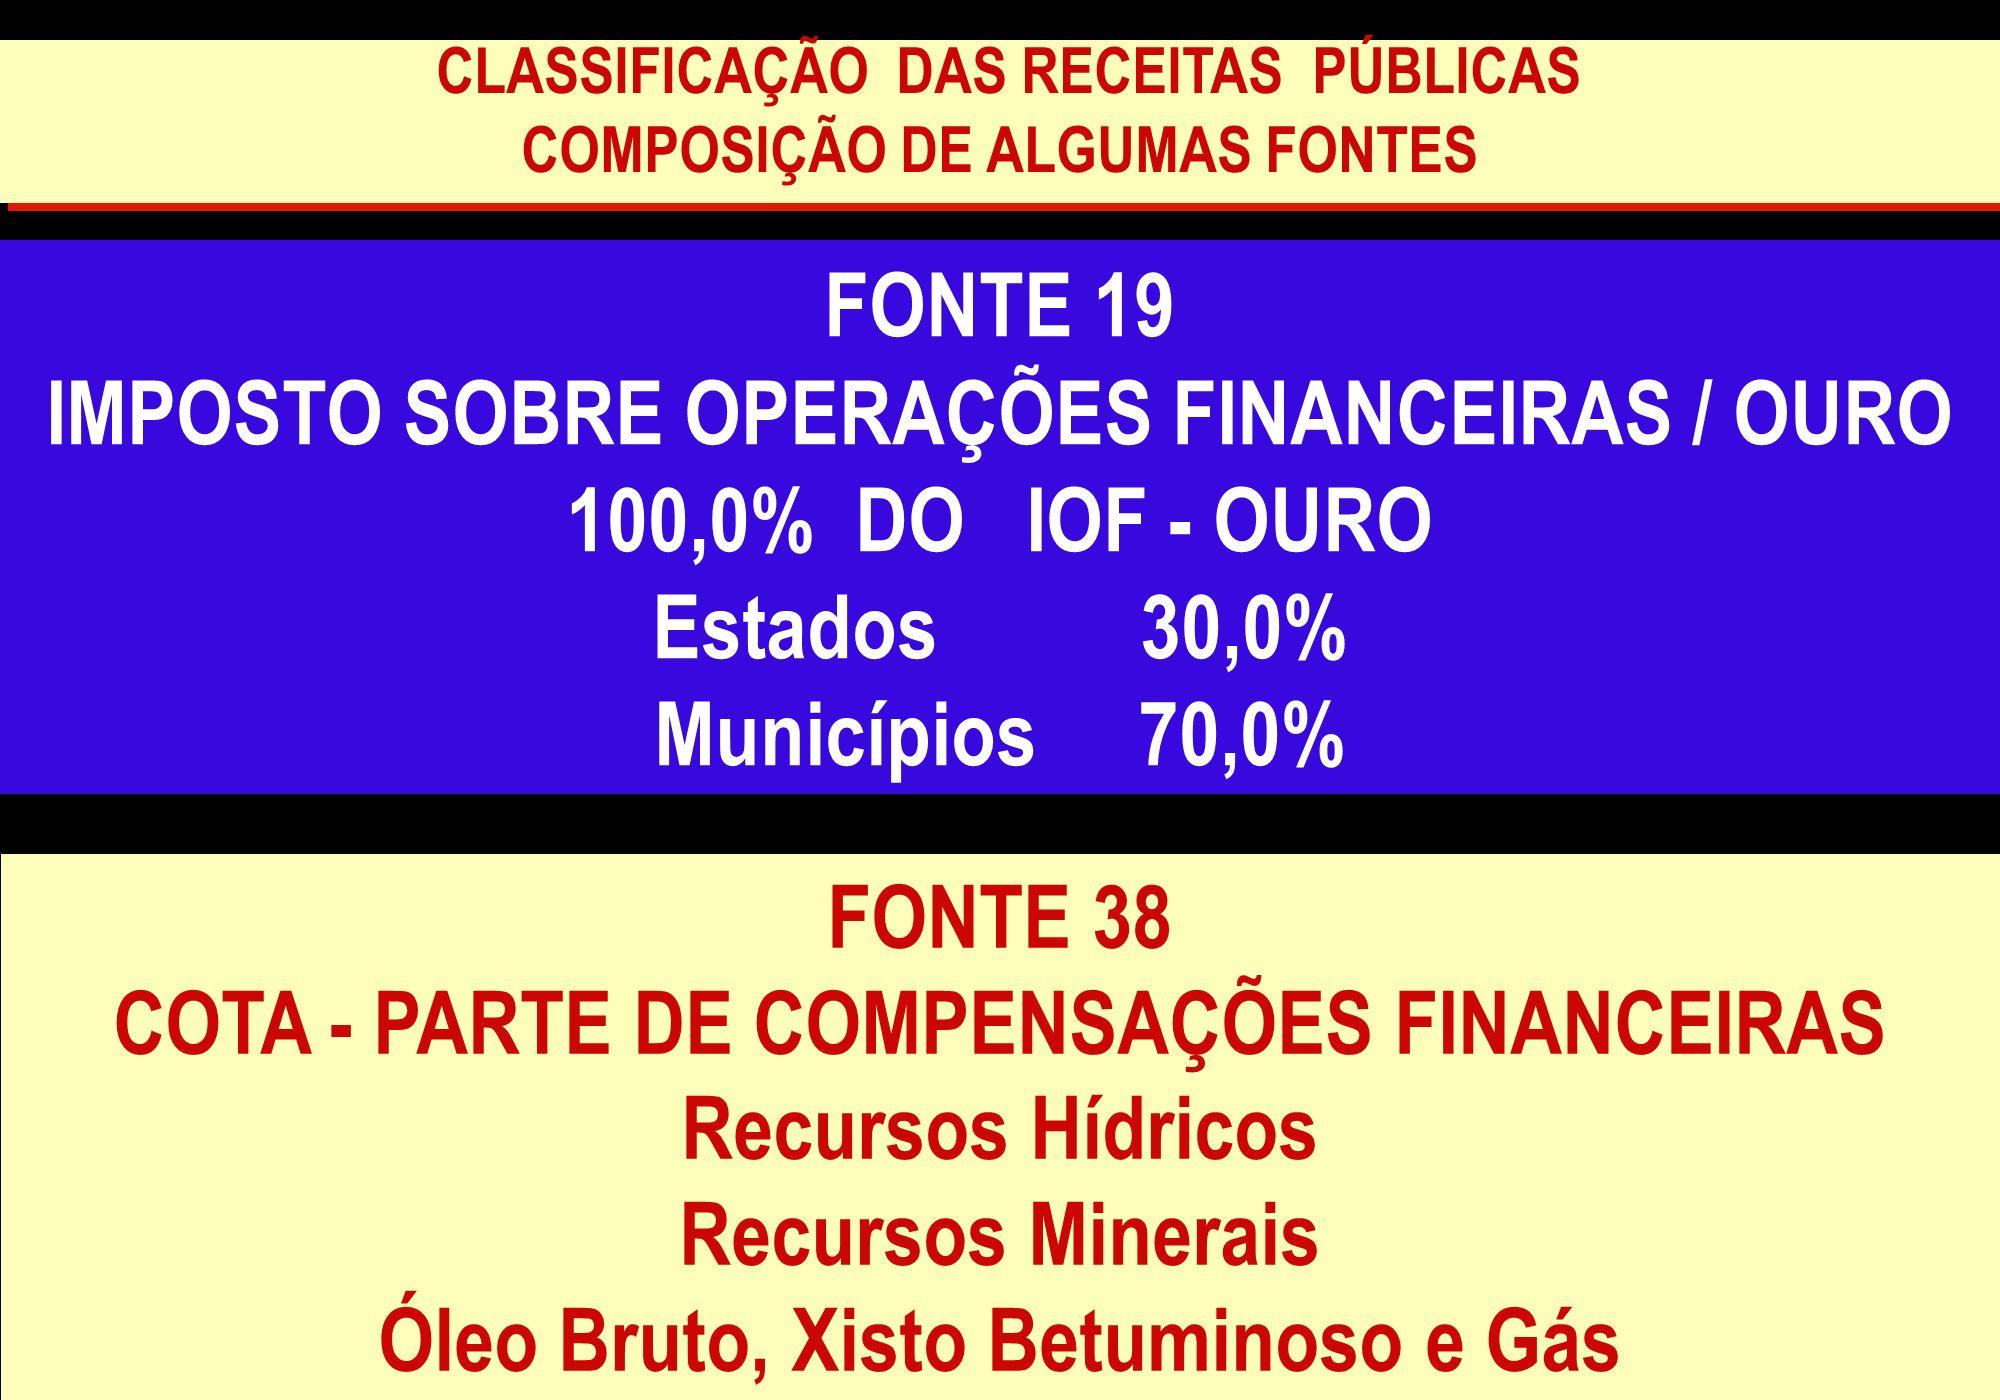 IMPOSTO SOBRE OPERAÇÕES FINANCEIRAS / OURO 100,0% DO IOF - OURO